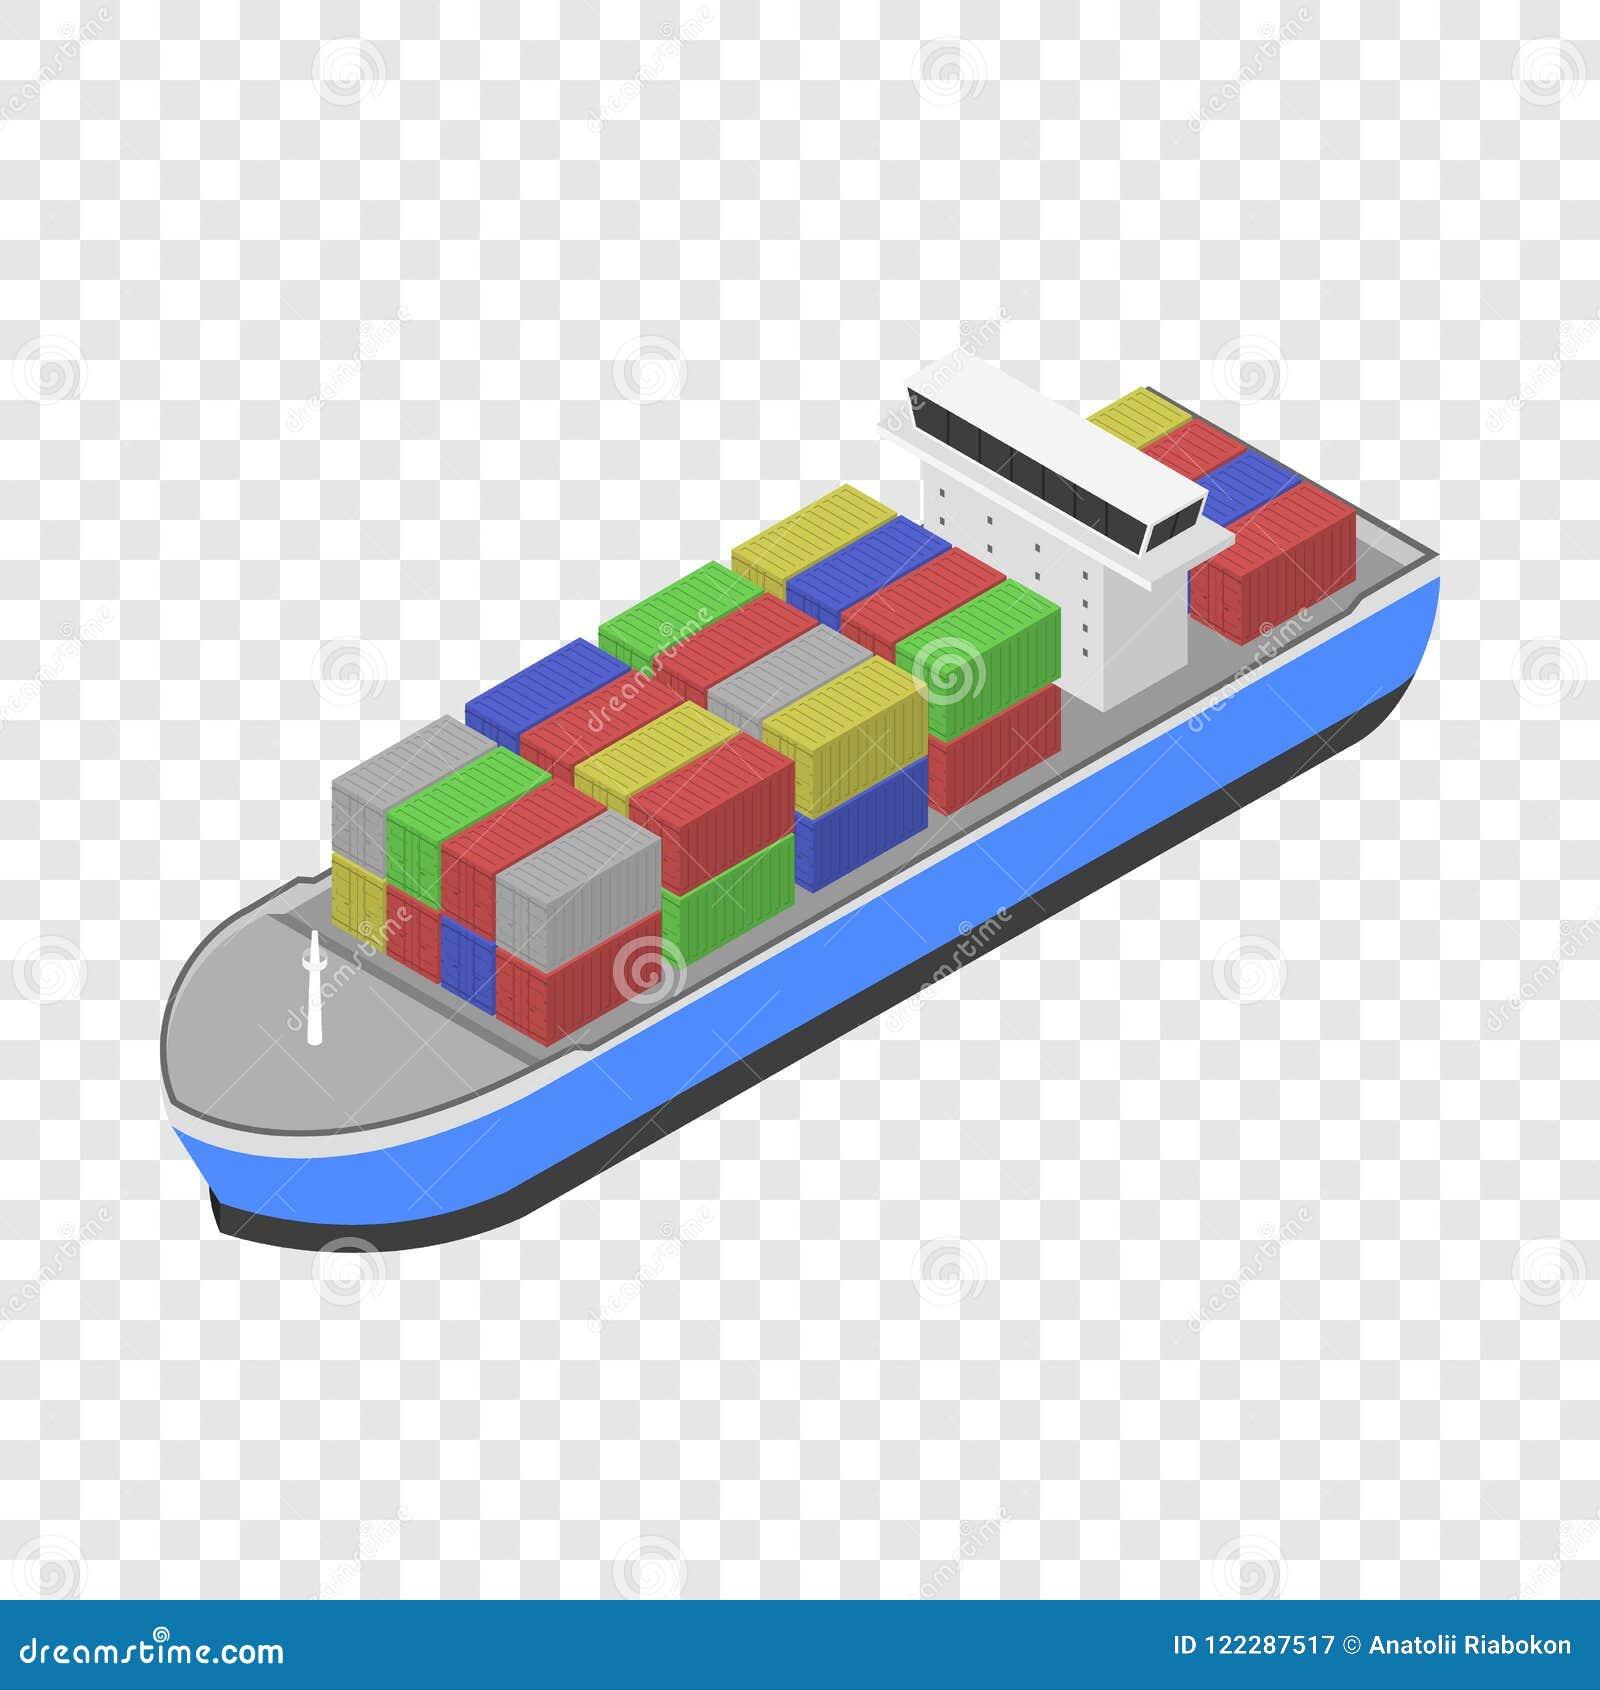 Icona della nave da carico di consegna, stile isometrico